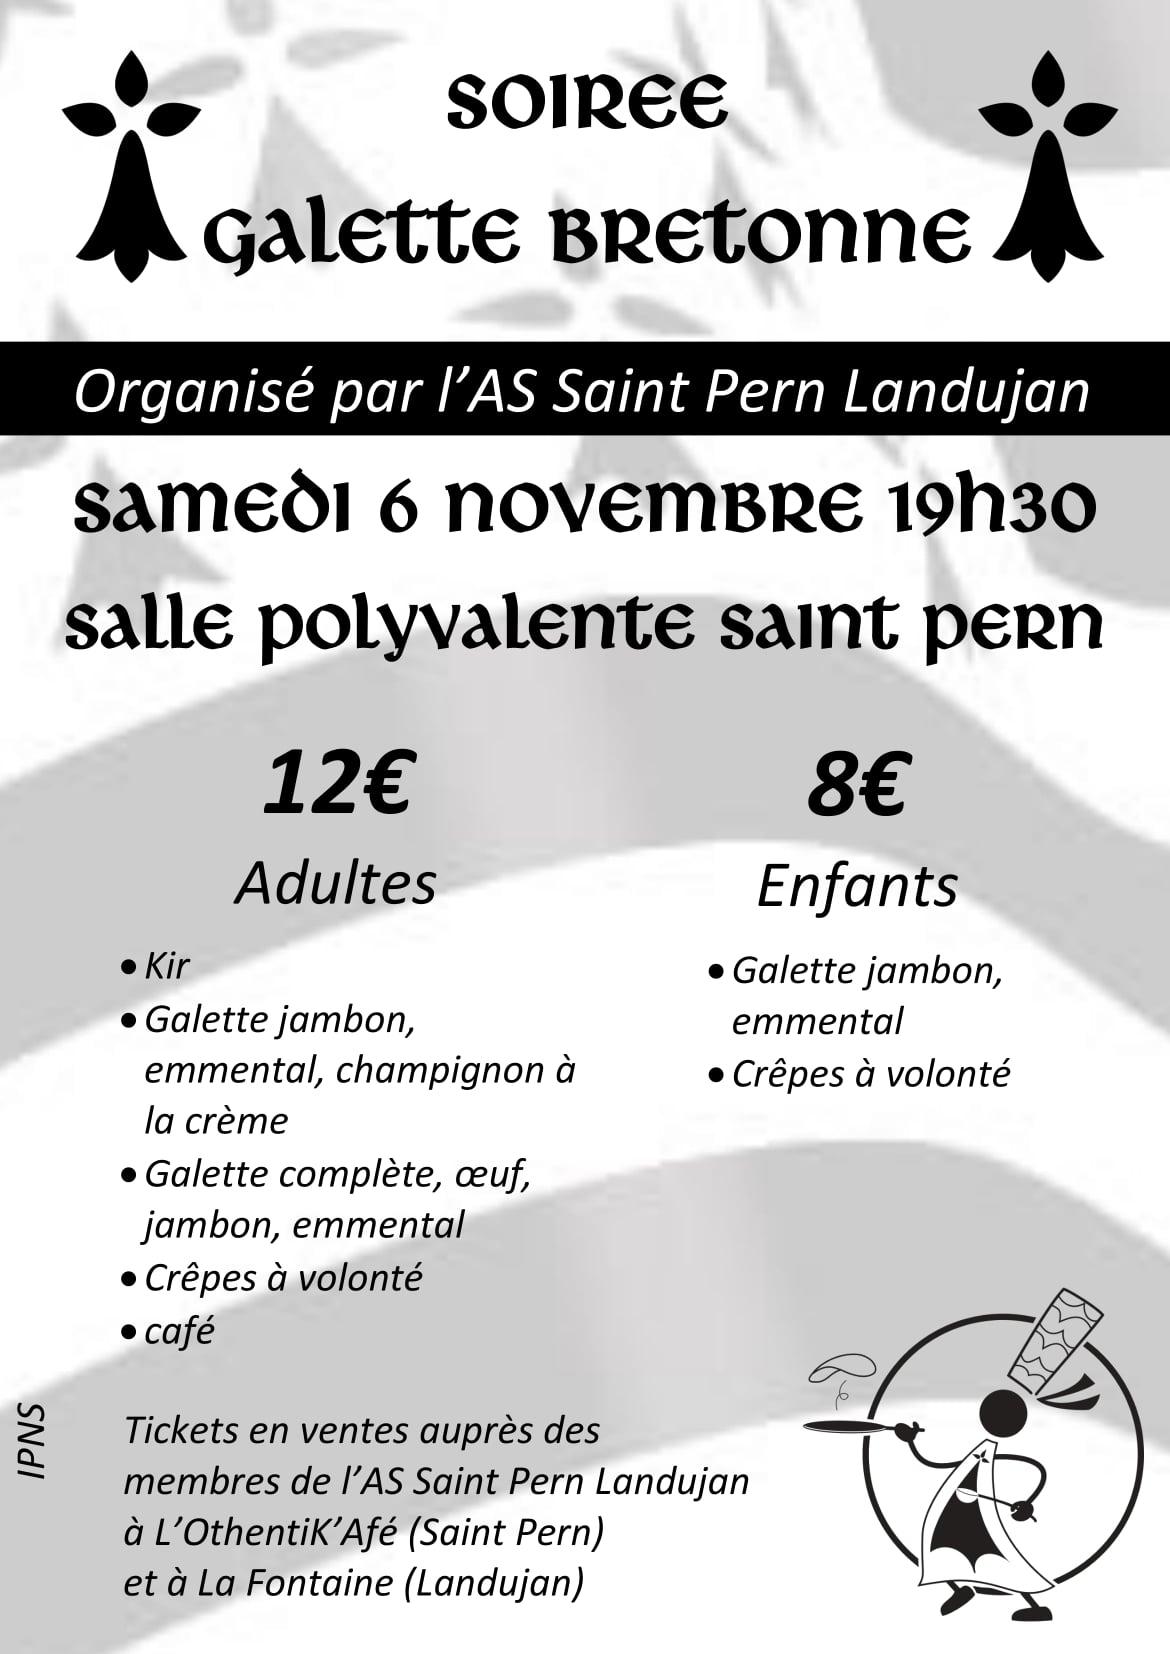 SOIREE GALETTE BRETONNE